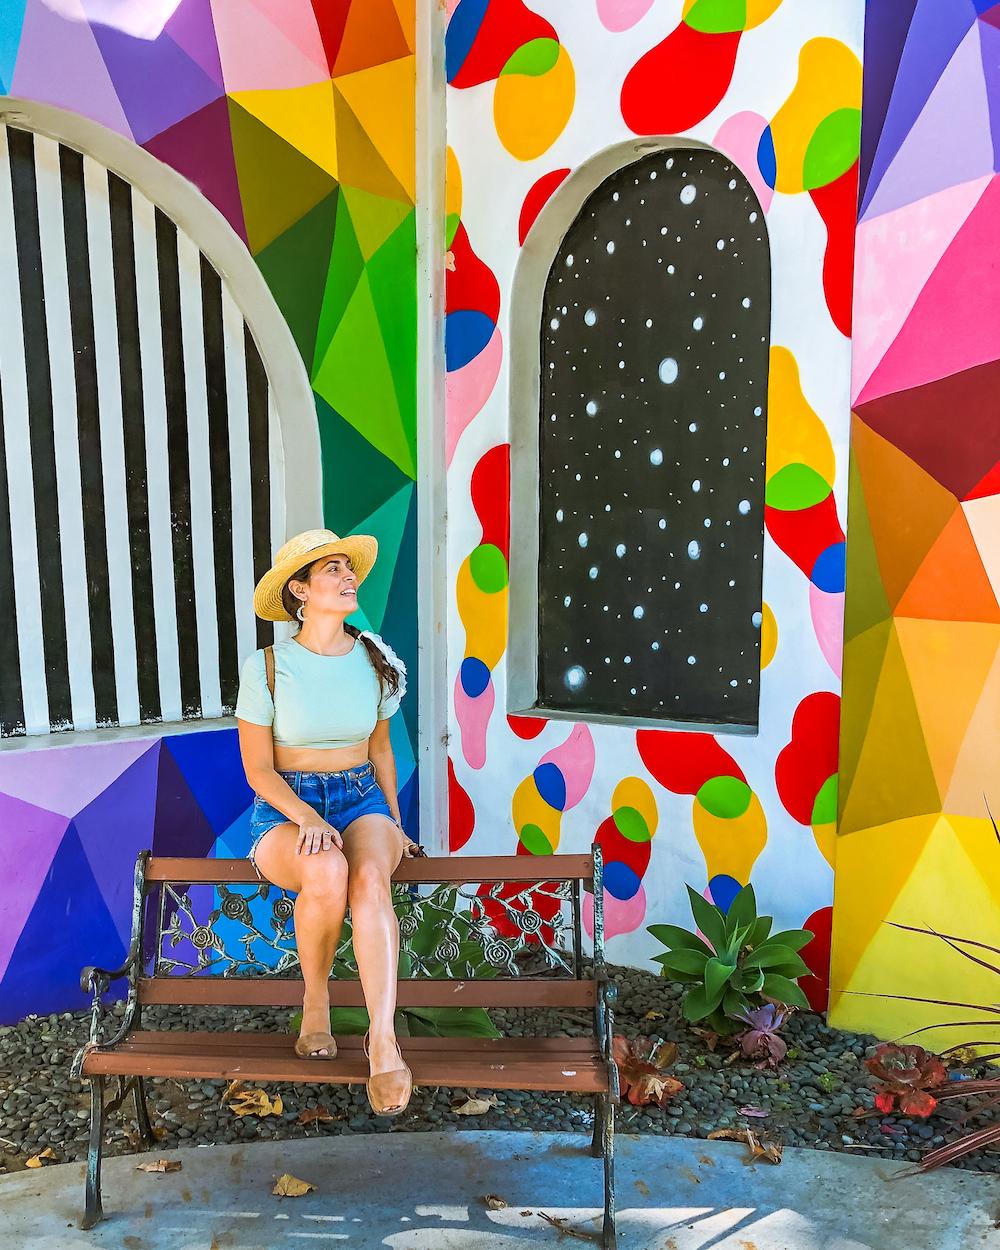 woman at art a fair entrance laguna beach